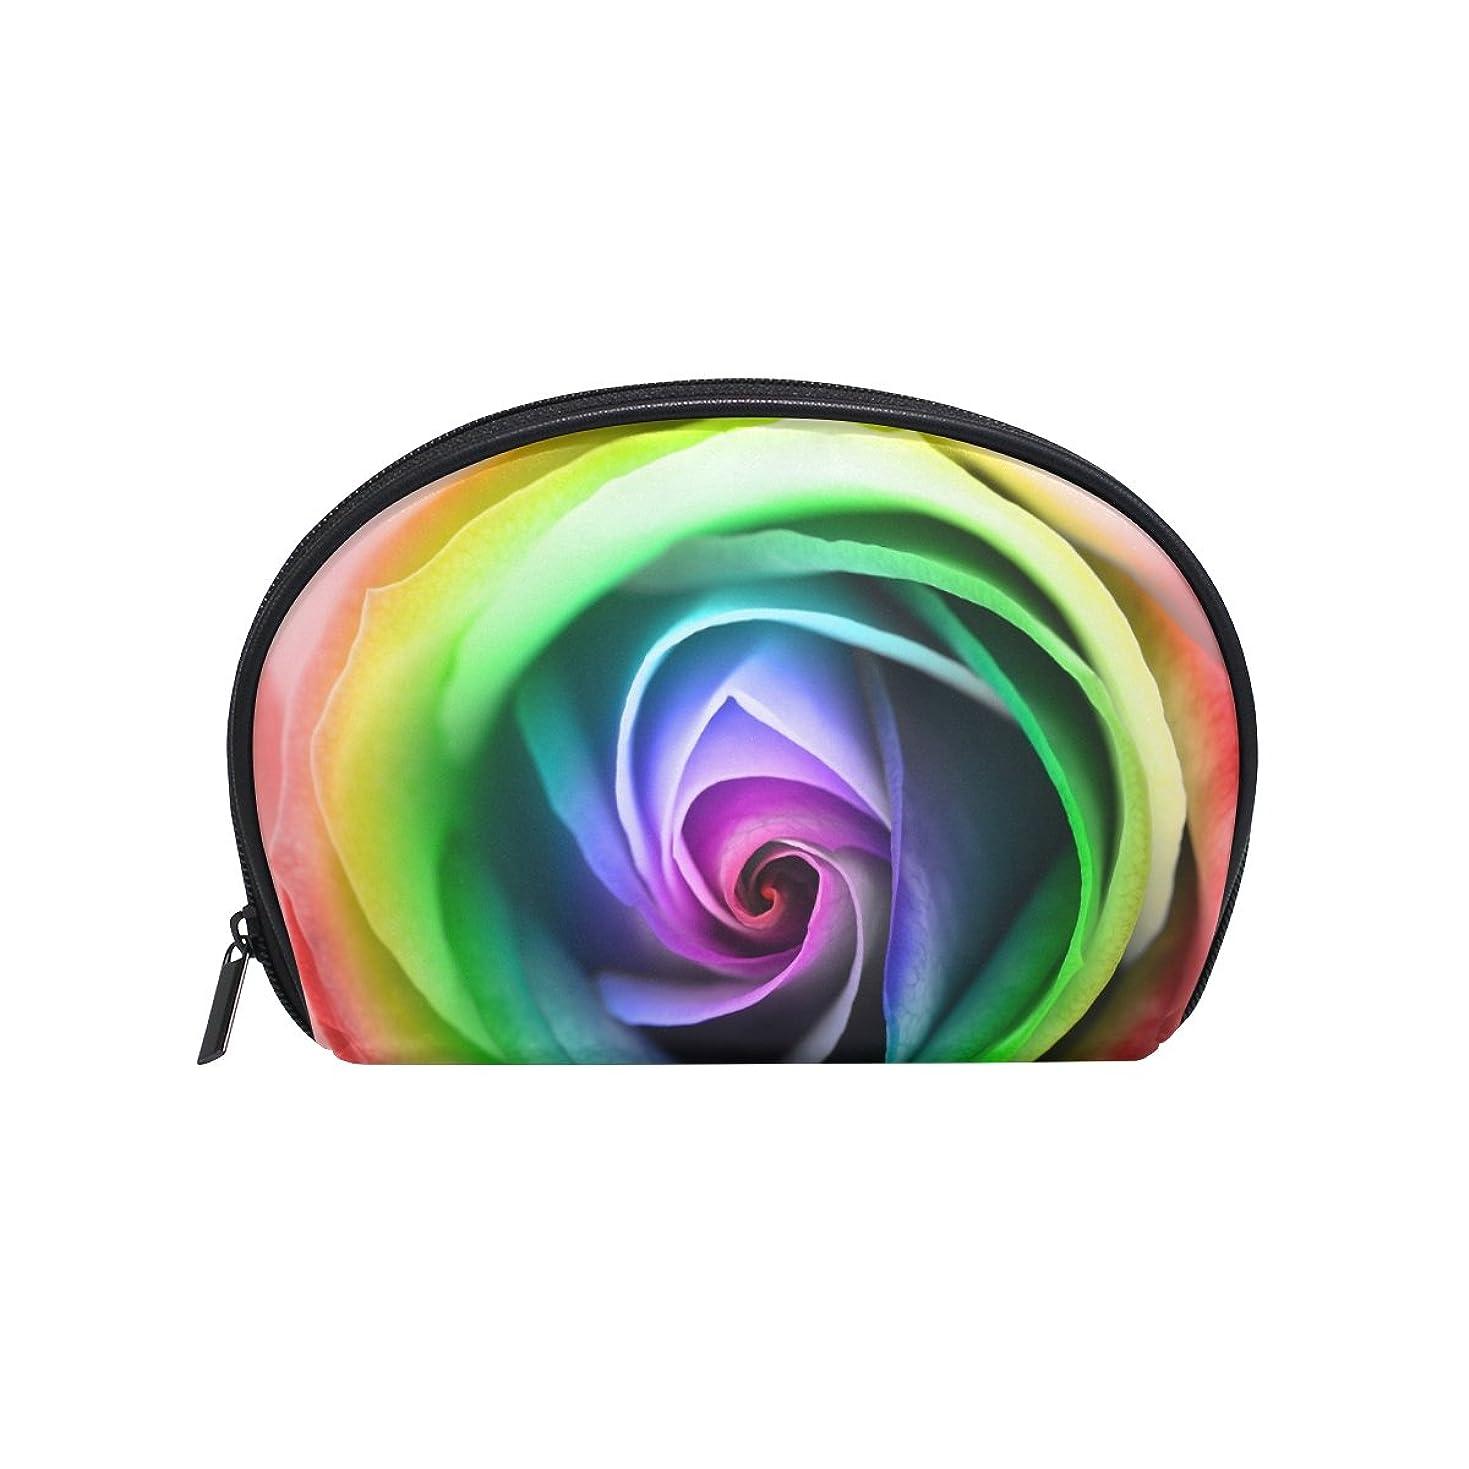 用量せがむフロントALAZA レインボーローズ 半月 化粧品 メイク トイレタリーバッグ ポーチ 旅行ハンディ財布オーガナイザーバッグ